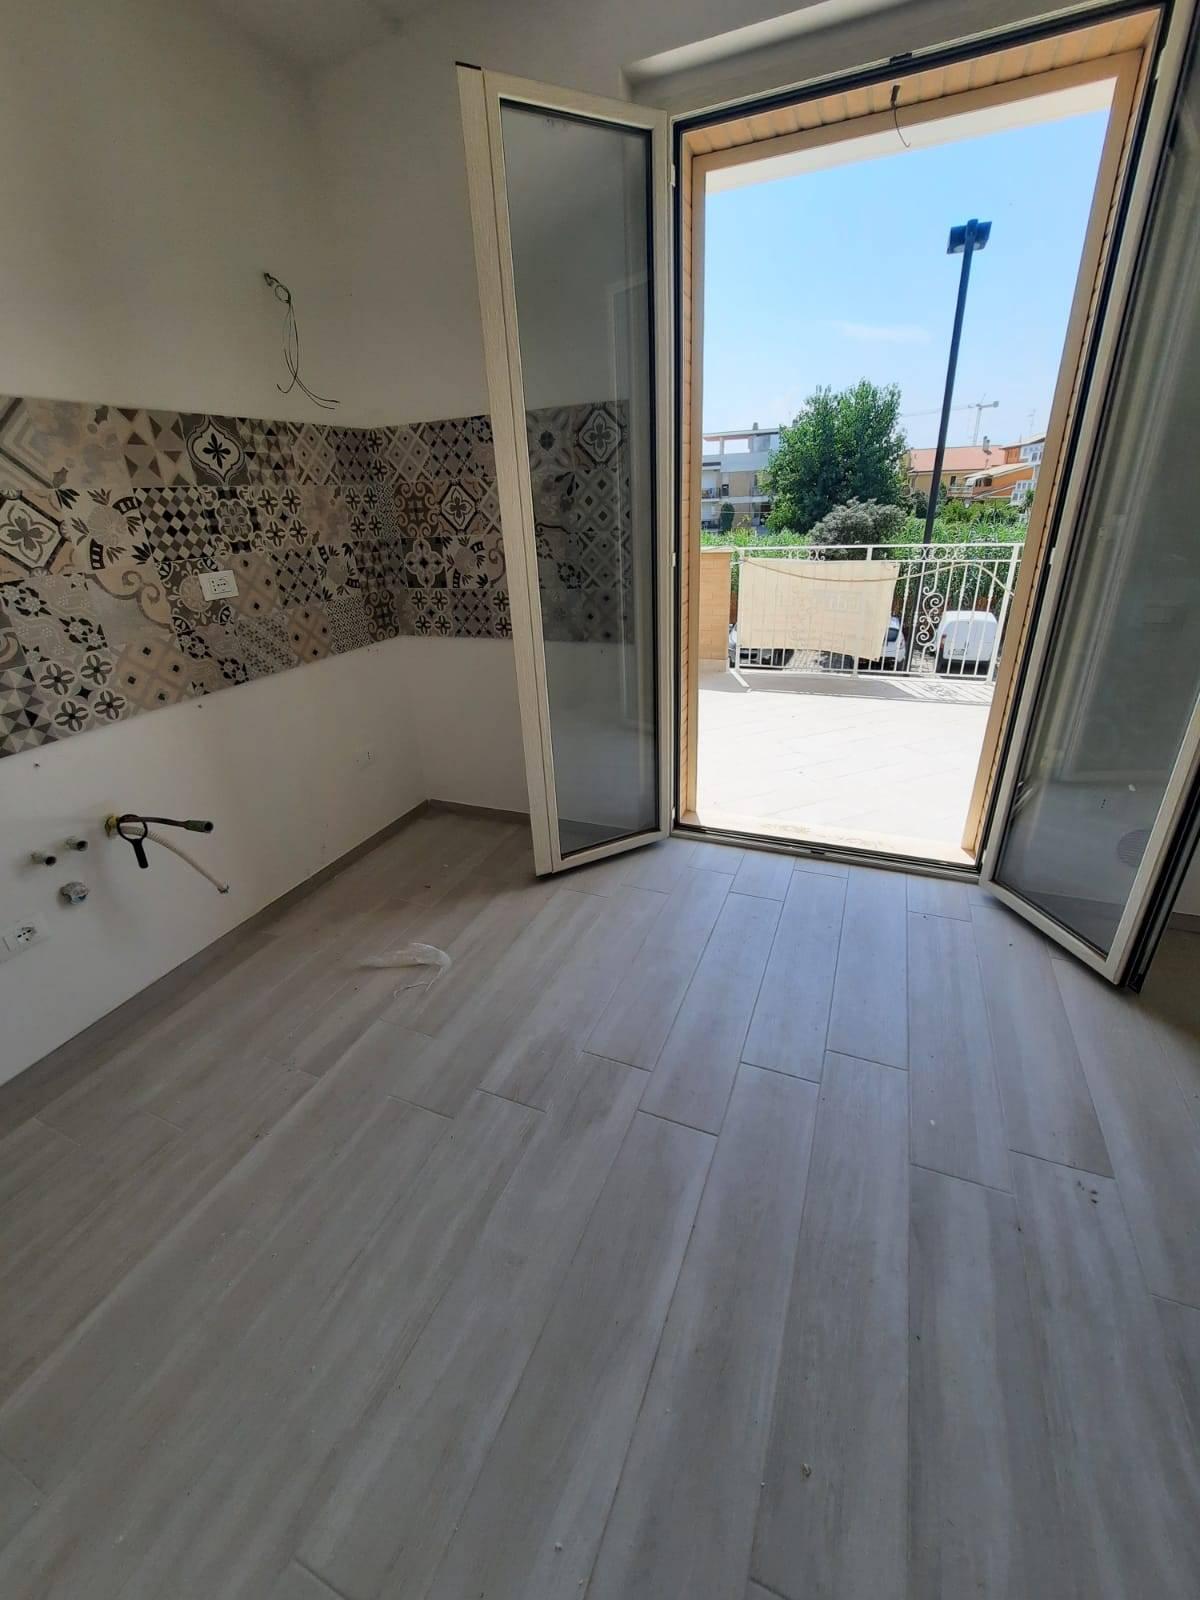 Appartamento in vendita a Giulianova, 3 locali, zona Località: a20metridalmare, prezzo € 180.000 | PortaleAgenzieImmobiliari.it